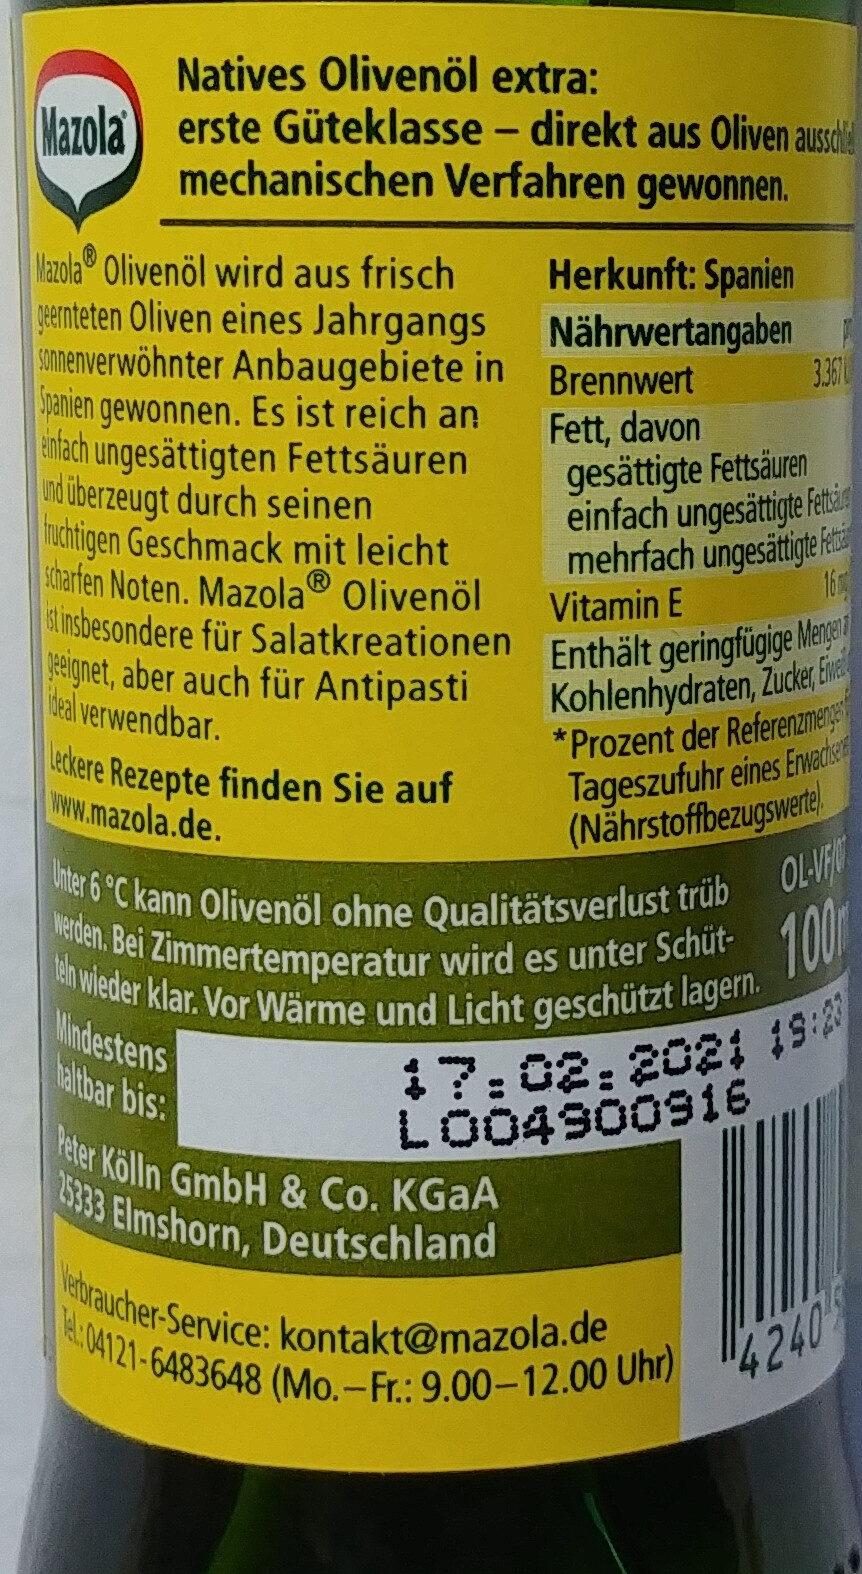 Mazola Olivenöl - Zutaten - de